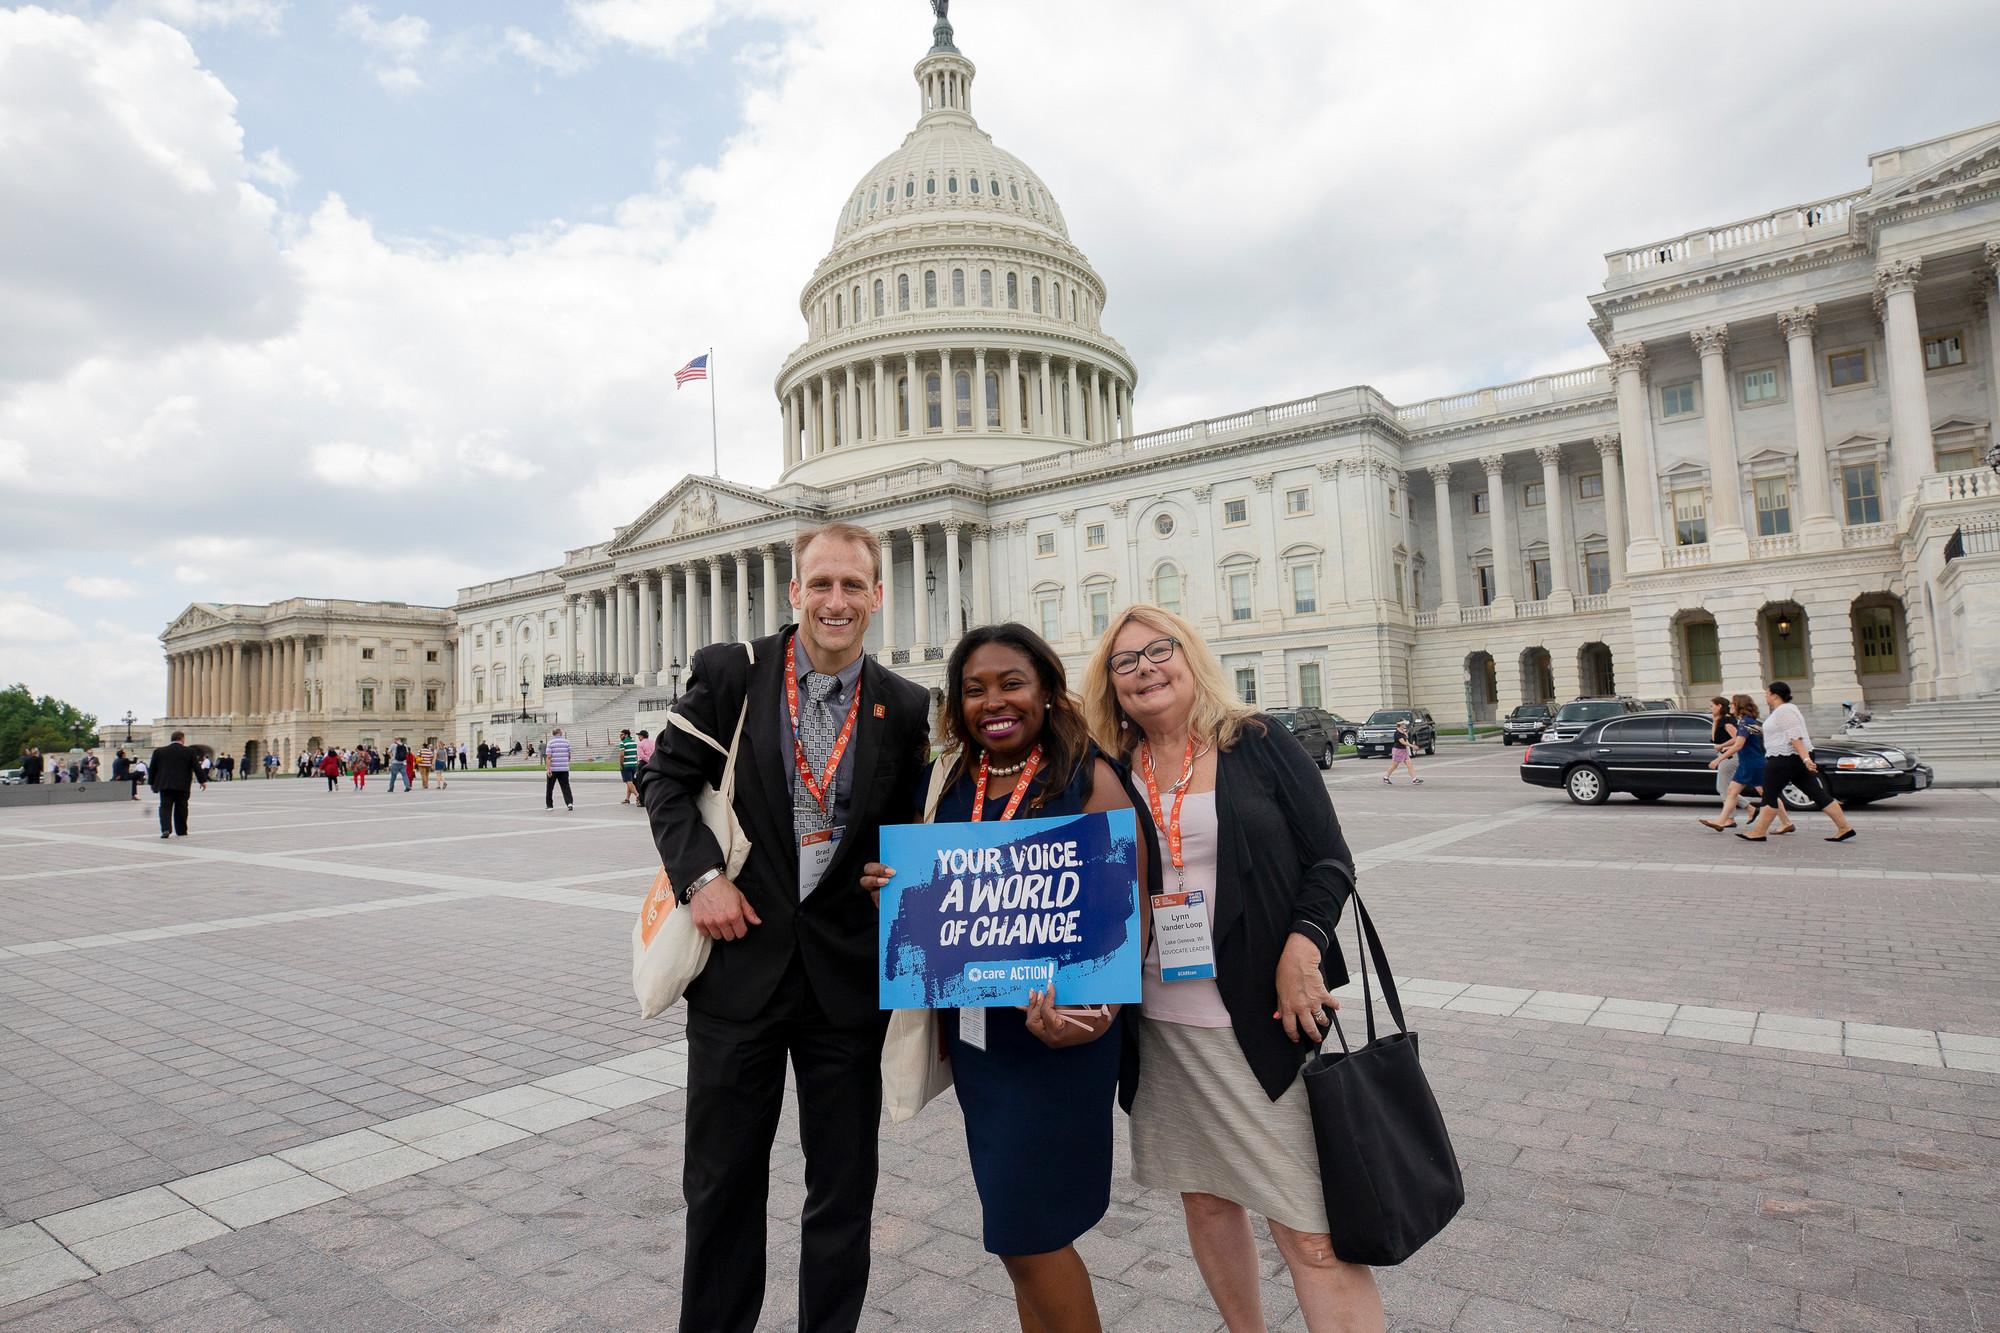 Tres personas se paran frente al Capitolio de los Estados Unidos. Uno sostiene un cartel que dice